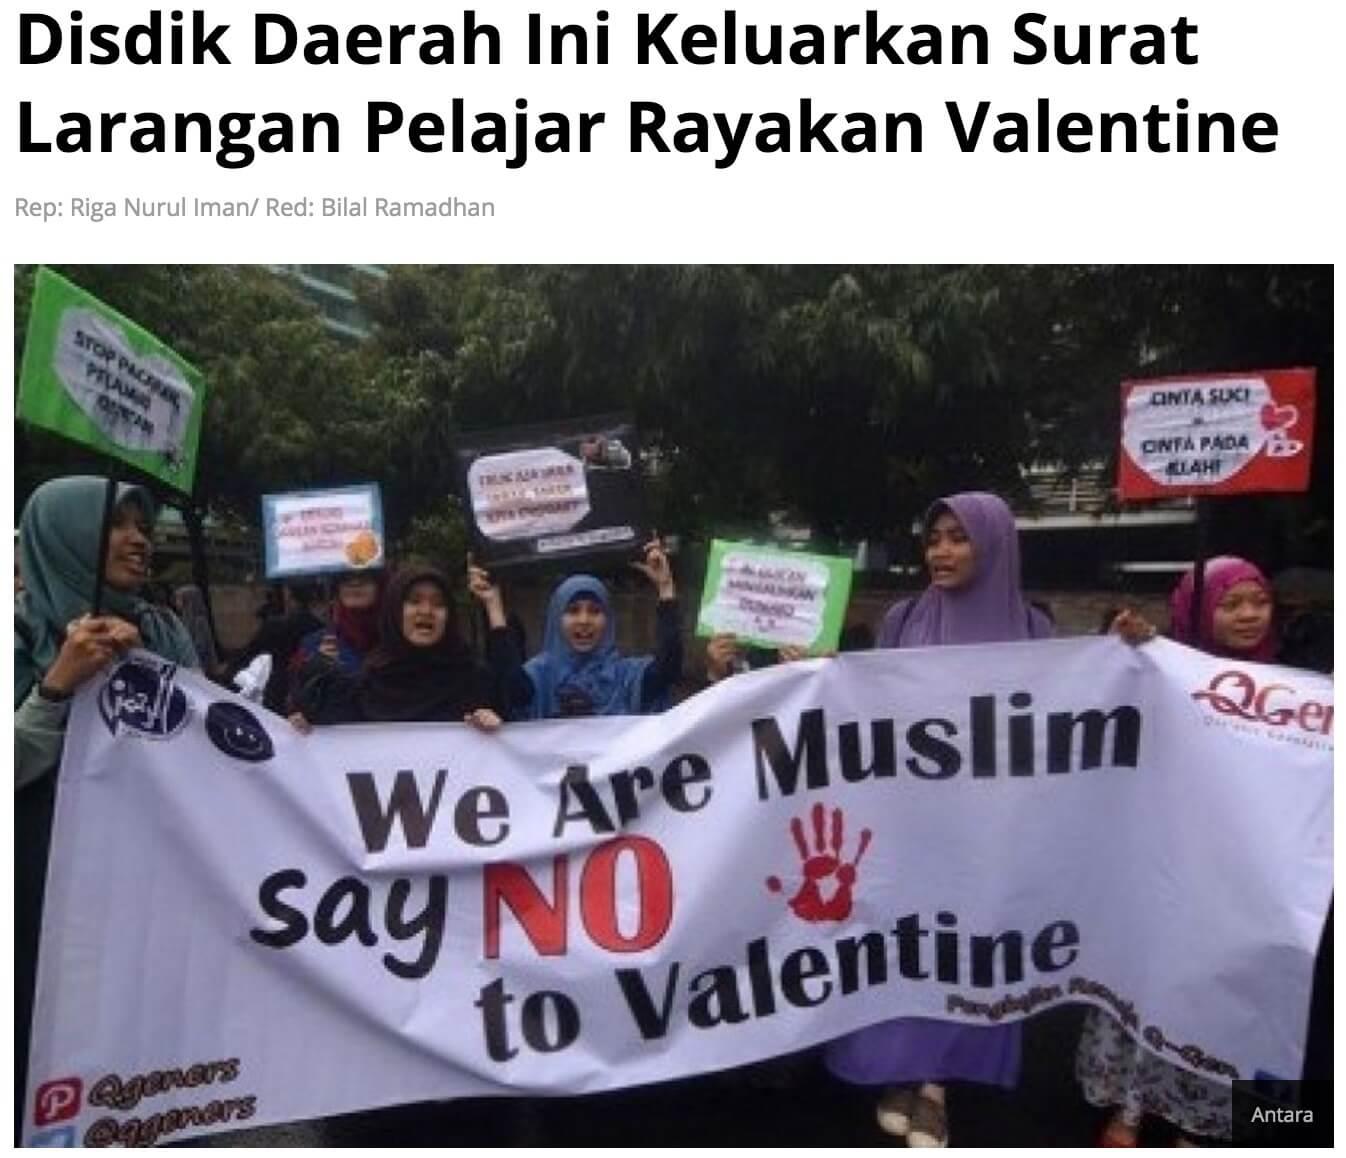 「地方教育局がバレンタインの祝福を禁じる文書を発行」とのRepublikaOnlineの2015年記事より